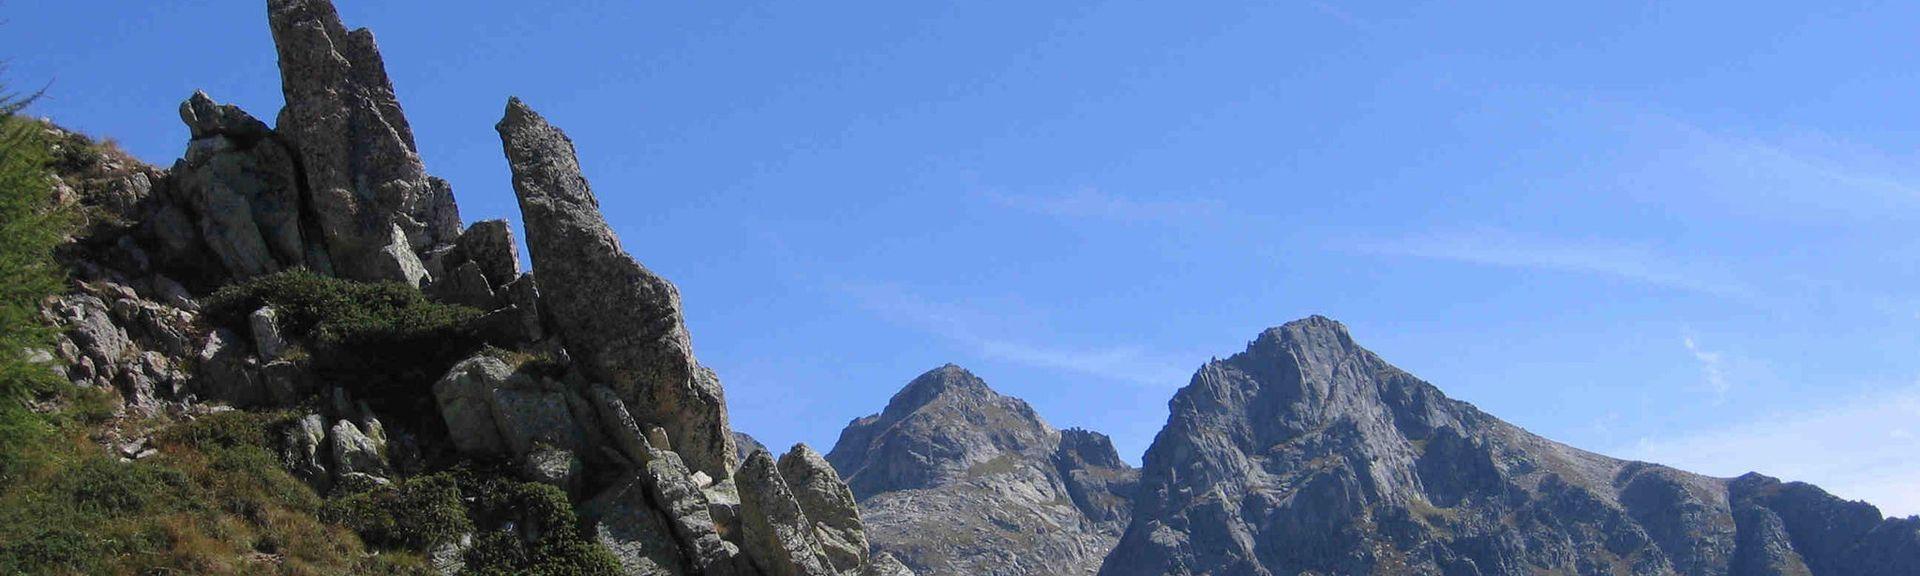 Valfloriana, Trentino-Alto Adige, Italy